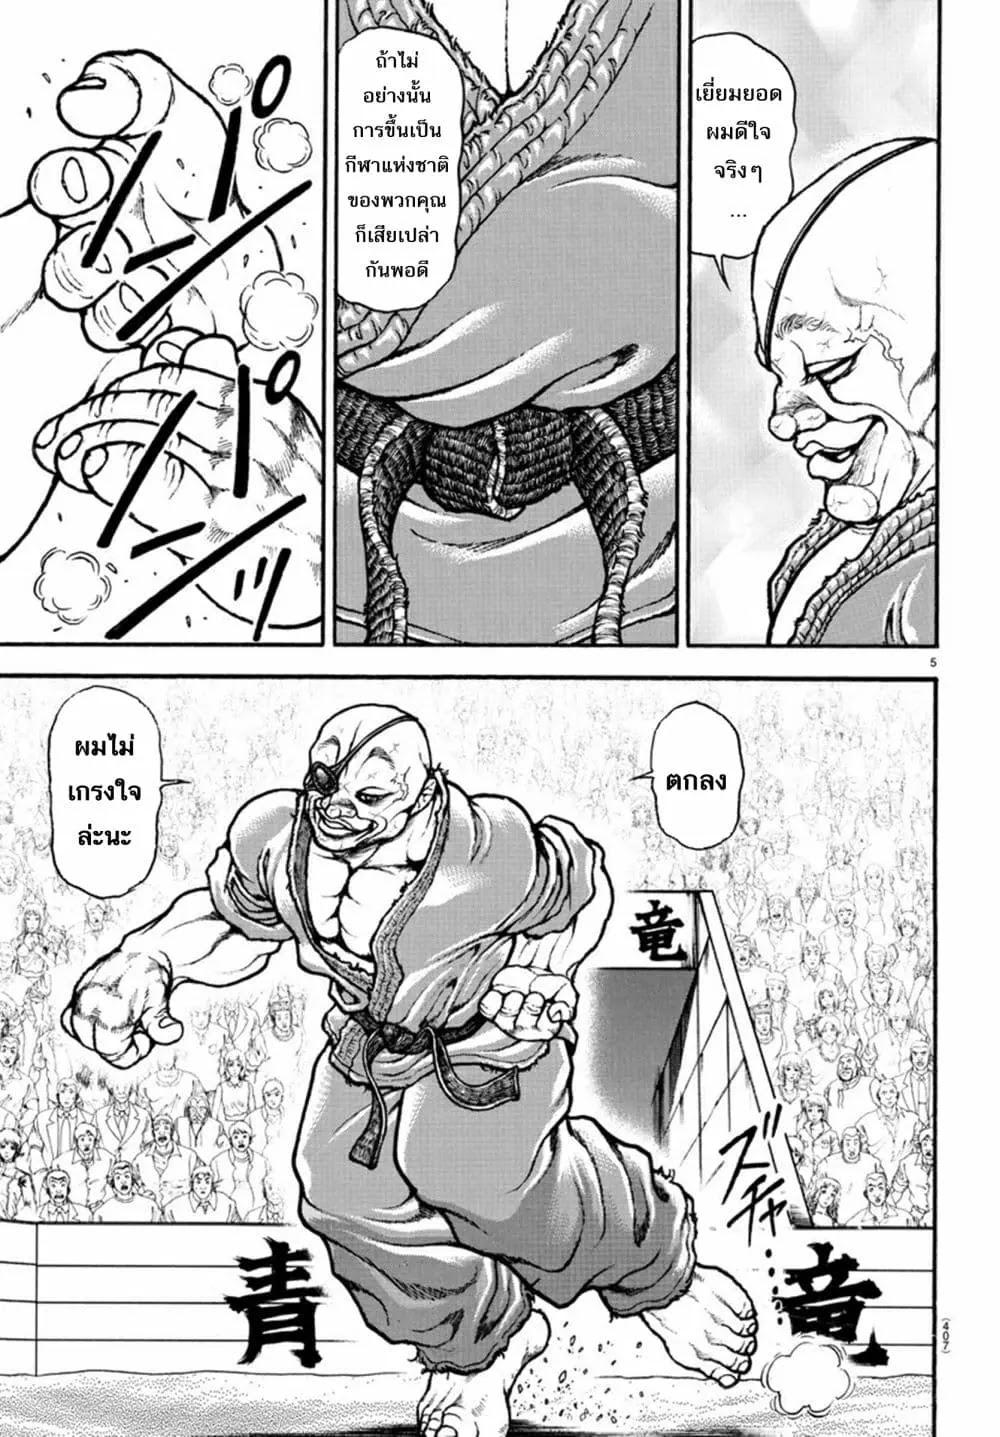 อ่านการ์ตูน Baki Dou II ตอนที่ 63 หน้าที่ 6